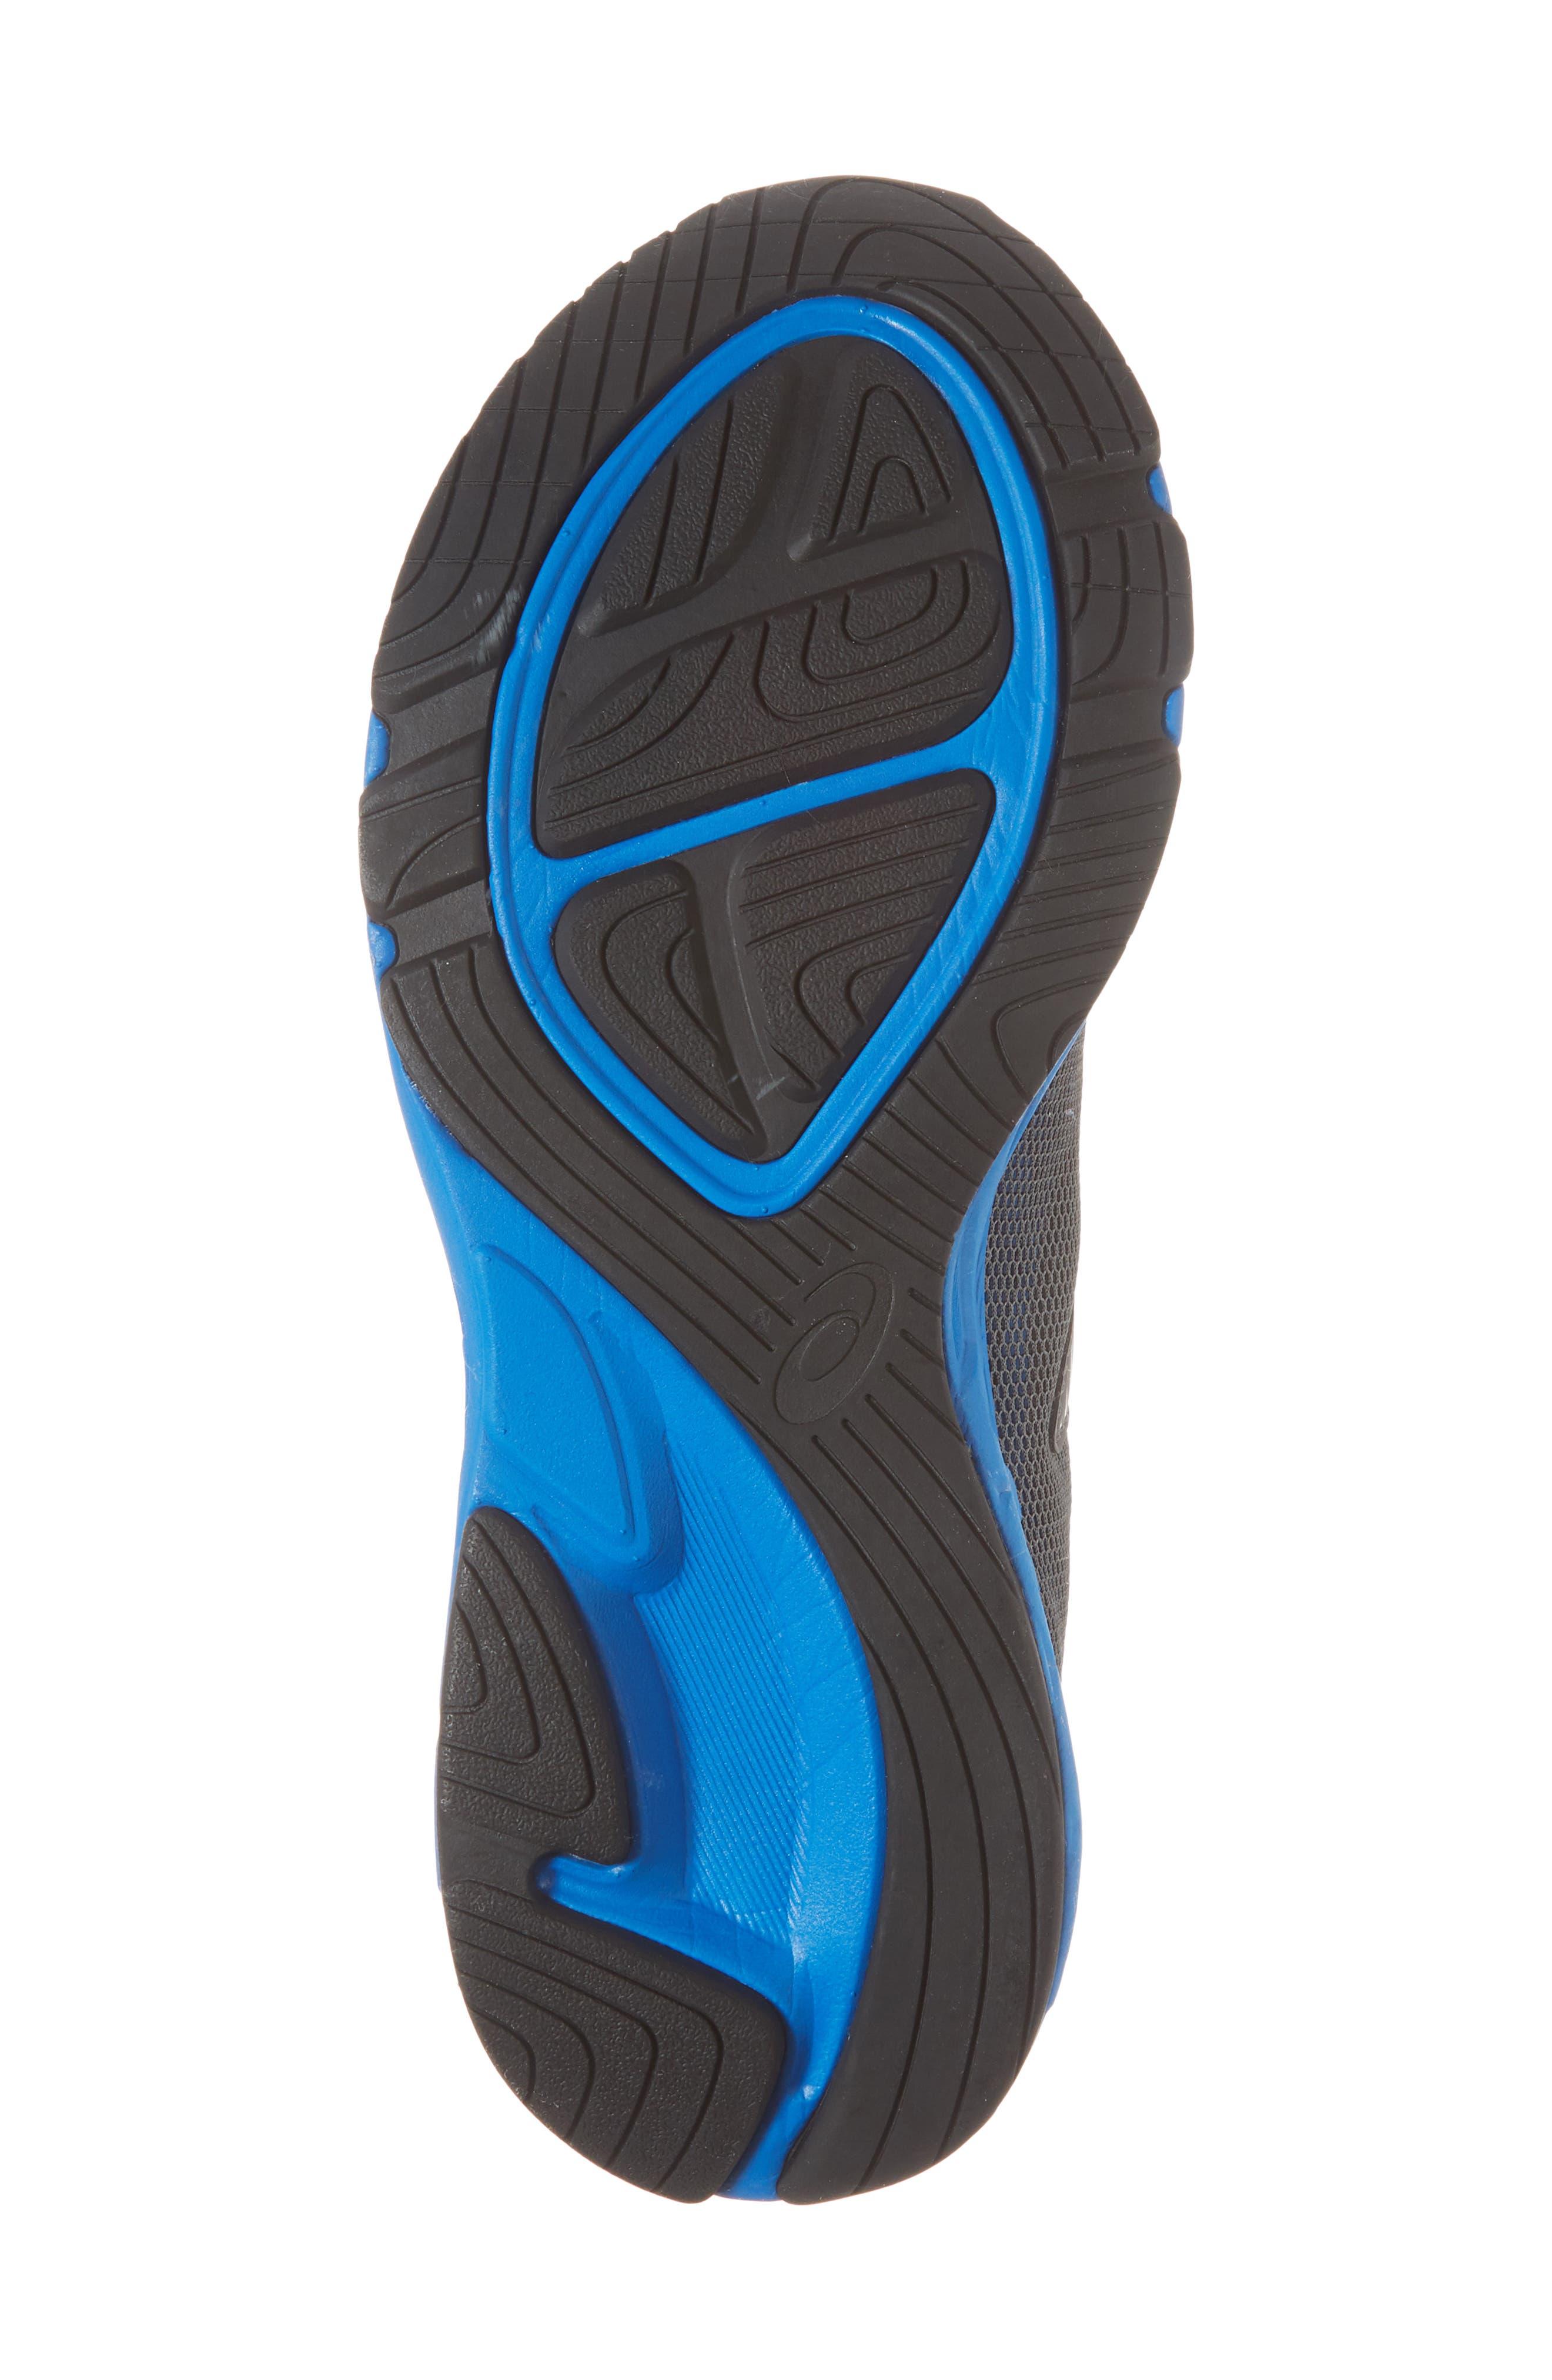 Noosa GS Sneaker,                             Alternate thumbnail 6, color,                             CARBON/ DIRECTOIRE BLUE/ BLACK